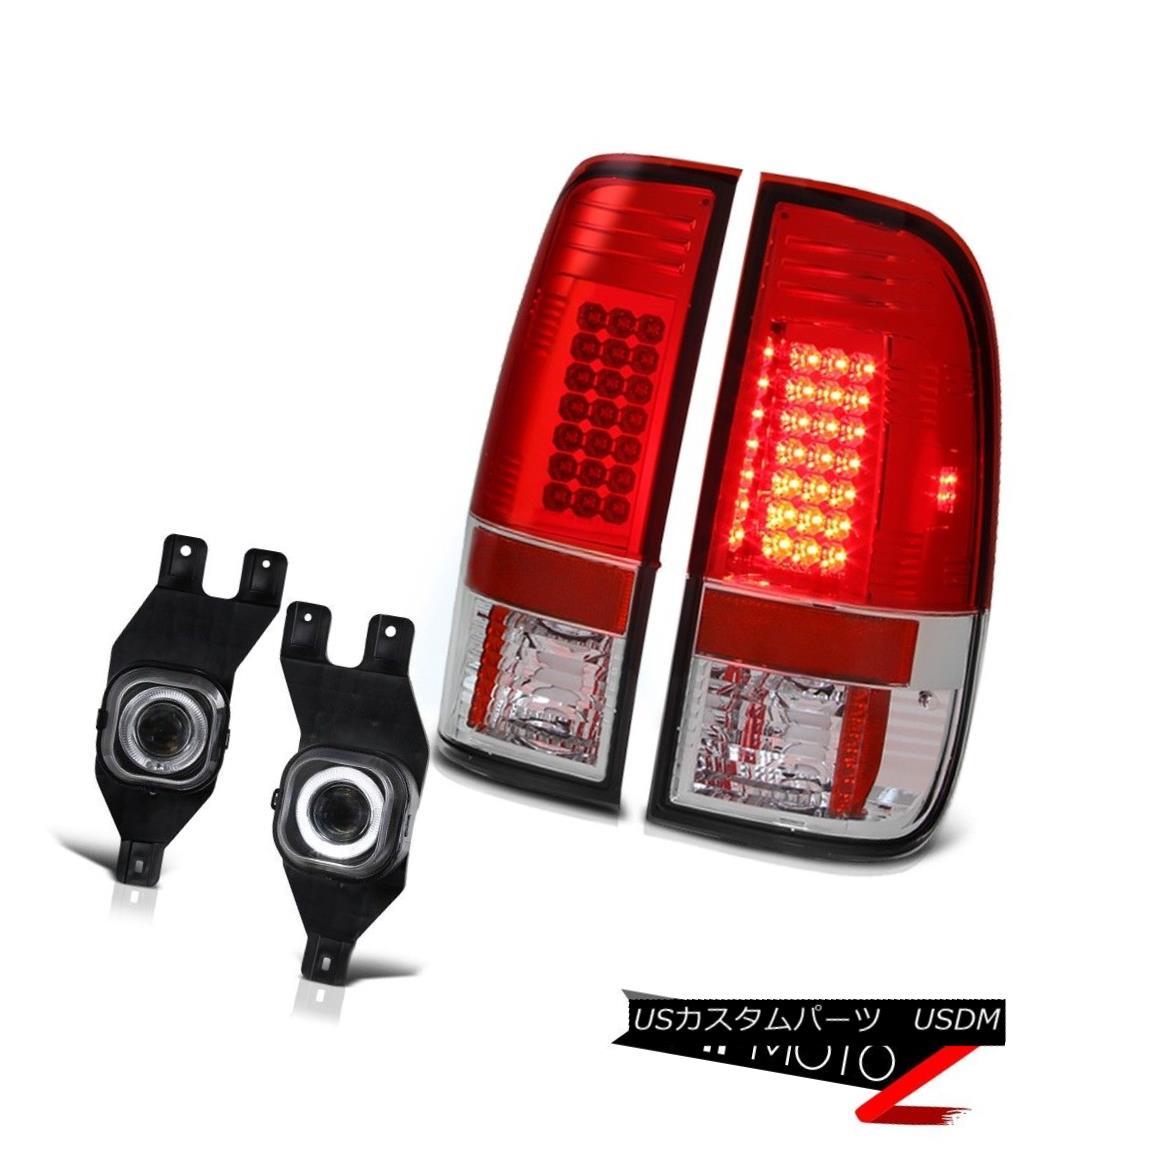 テールライト Factory Style LED Tail Light+Front Bumper White SMD DRL Fog Light+Wiring 工場スタイルLEDテールライト+フロントバンパー白SMD DRLフォグライト+配線